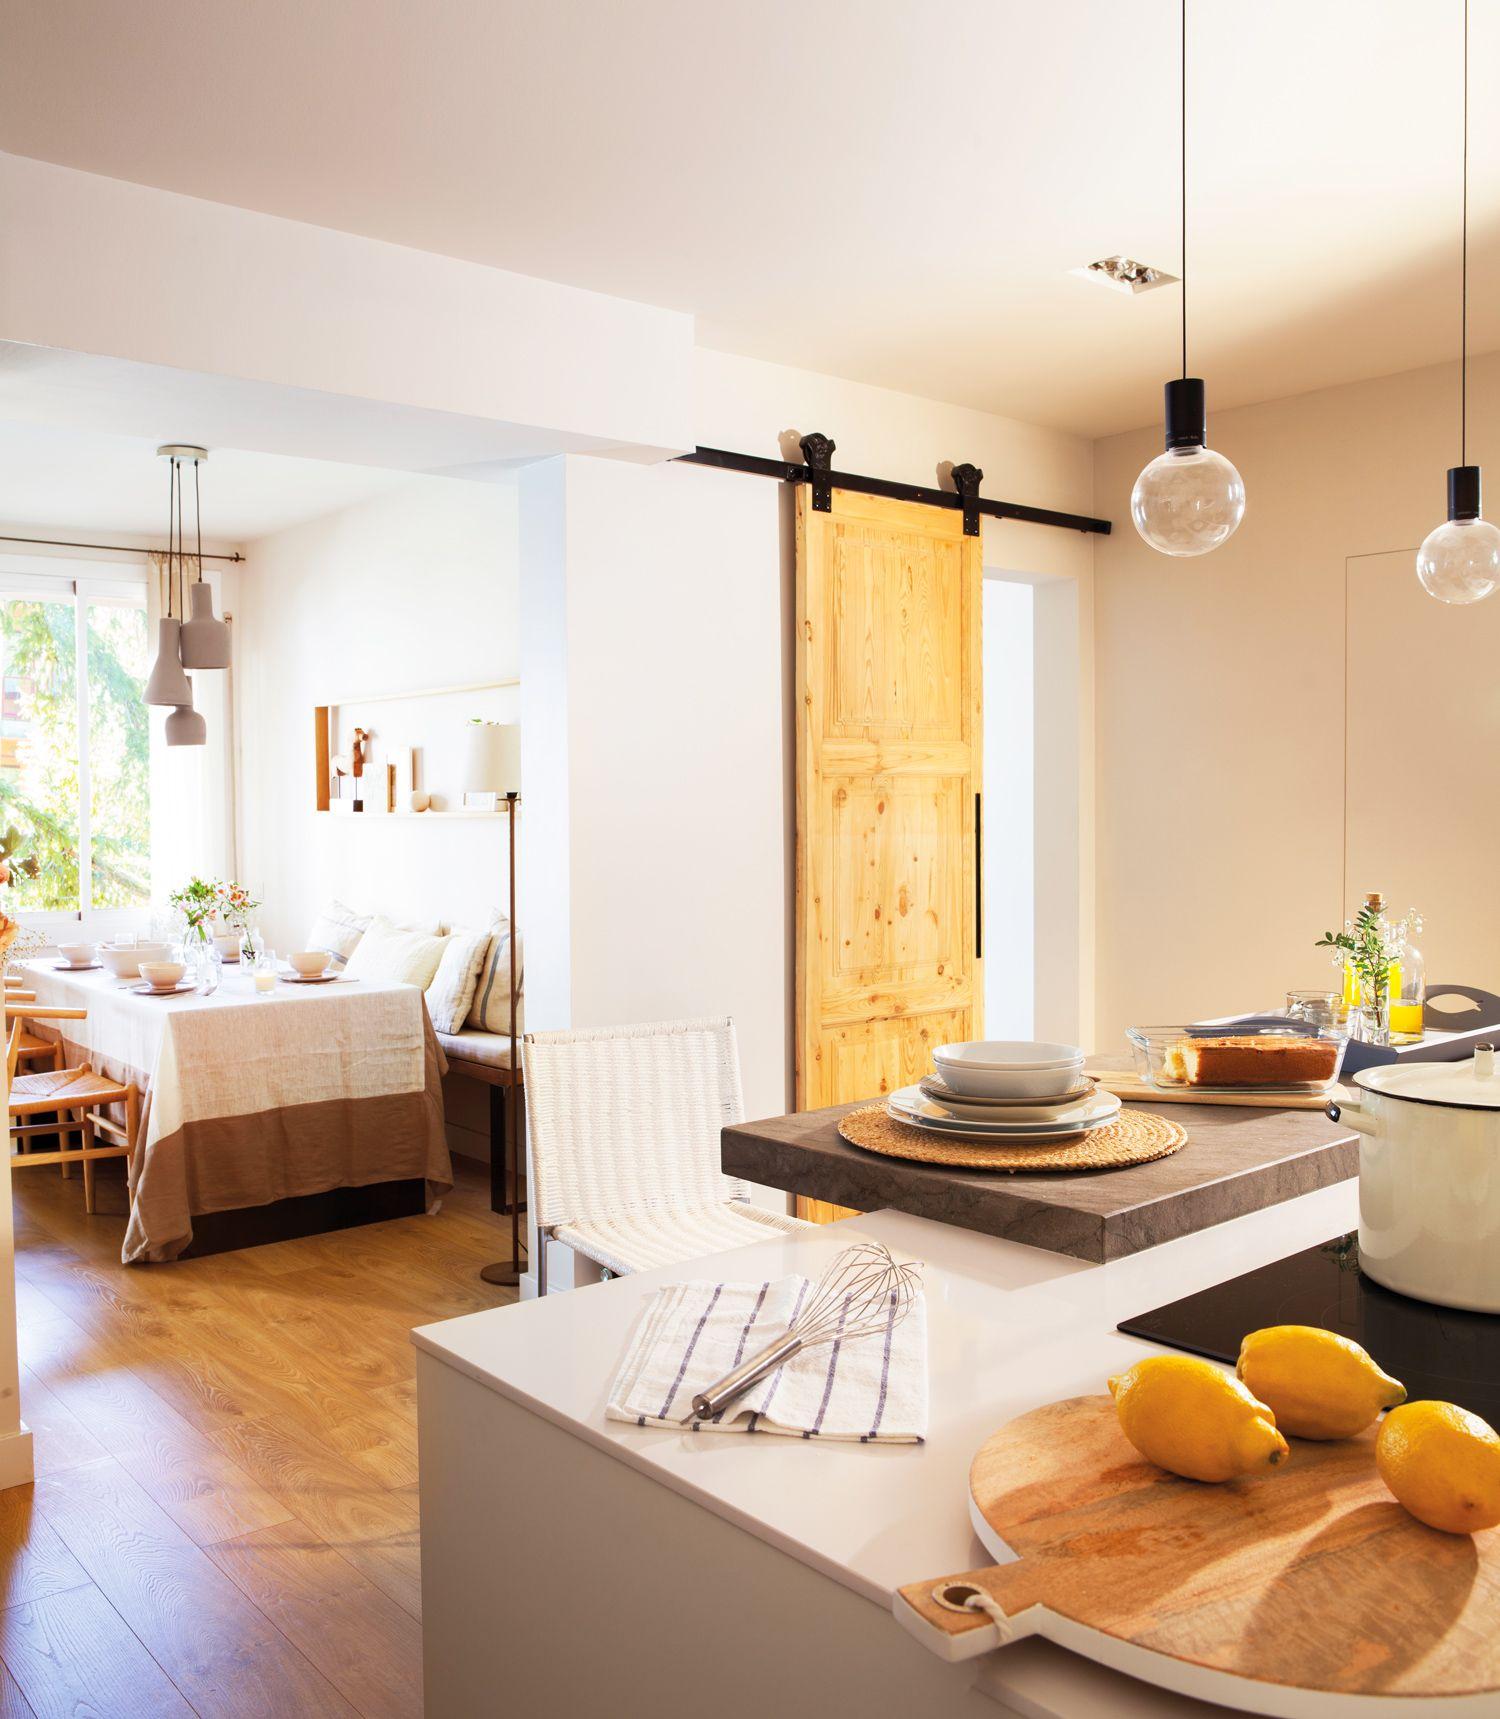 cocina abierta al comedor con puerta corredera rstica con riel de metal_442294 - Puerta Corredera Cocina